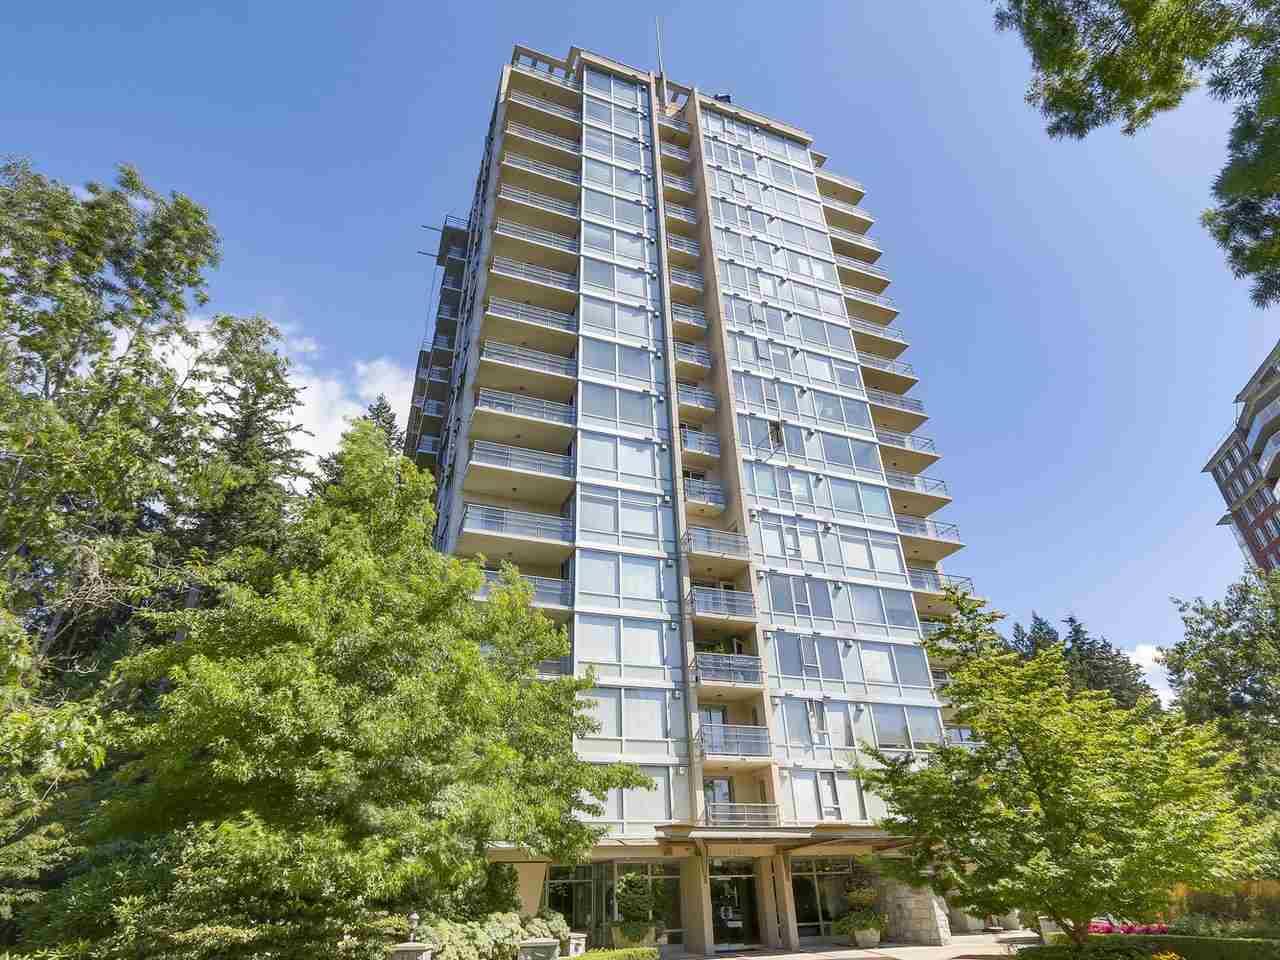 Condo Apartment at 1406 5639 HAMPTON PLACE, Unit 1406, Vancouver West, British Columbia. Image 2